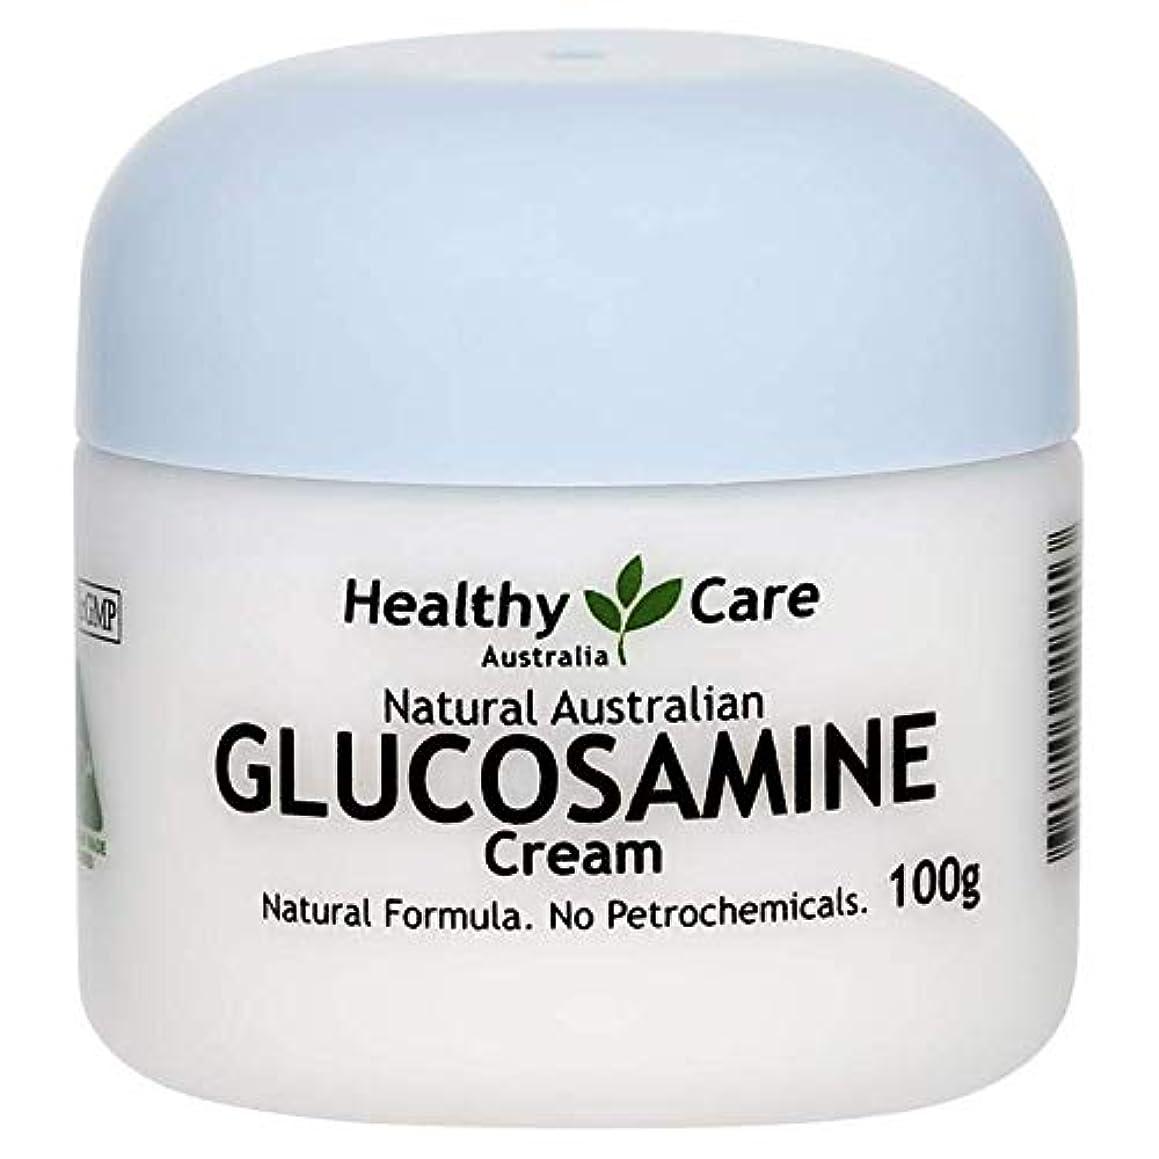 シャッターペストアブセイ[Healthy Care] グルコサミンクリーム お肌に潤い しなやかさを (GLUCOSAMINE CREAM) 100g 【海外直送品】